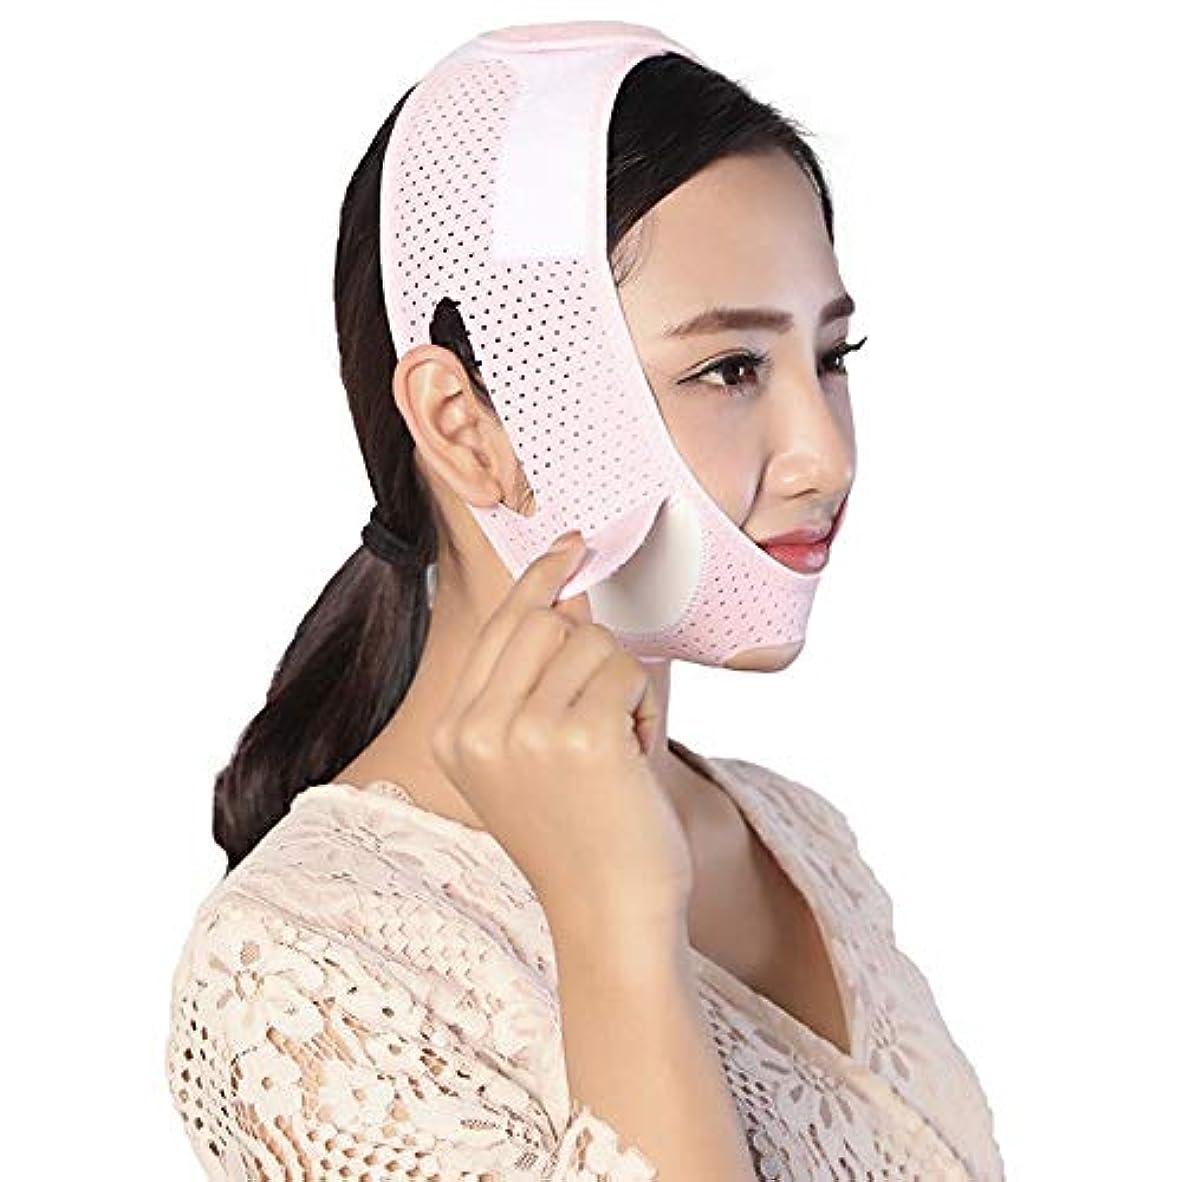 ストライド露出度の高いグリットフェイスリフトベルト 薄い顔のバンド - 薄い顔の包帯は、ダブルの顎の法令Vをマスクするために持ち上げて睡眠マスクの通気